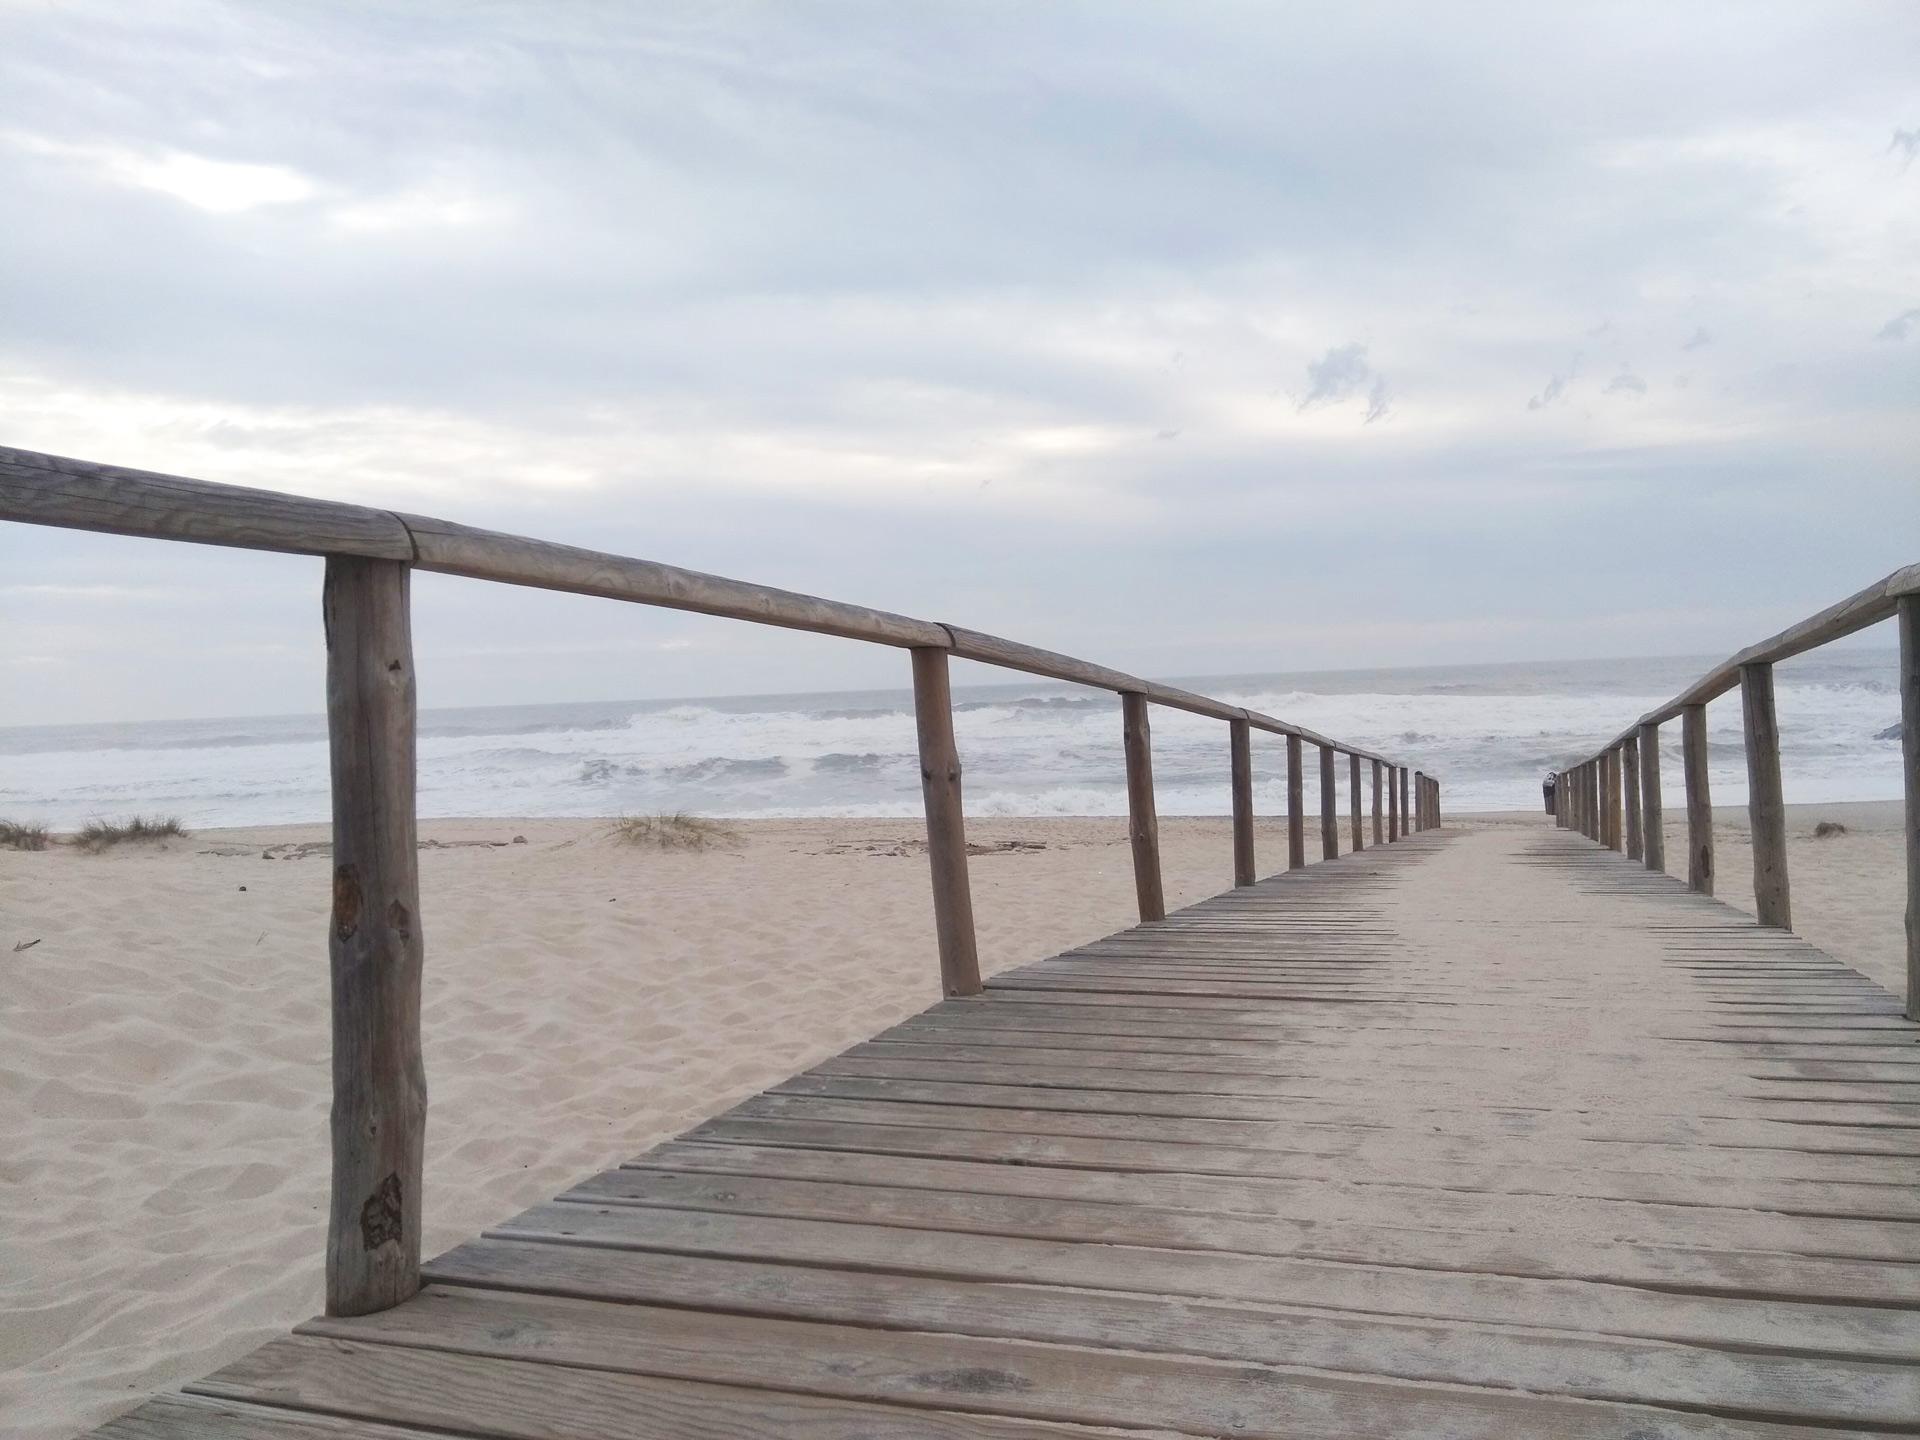 Beach roads